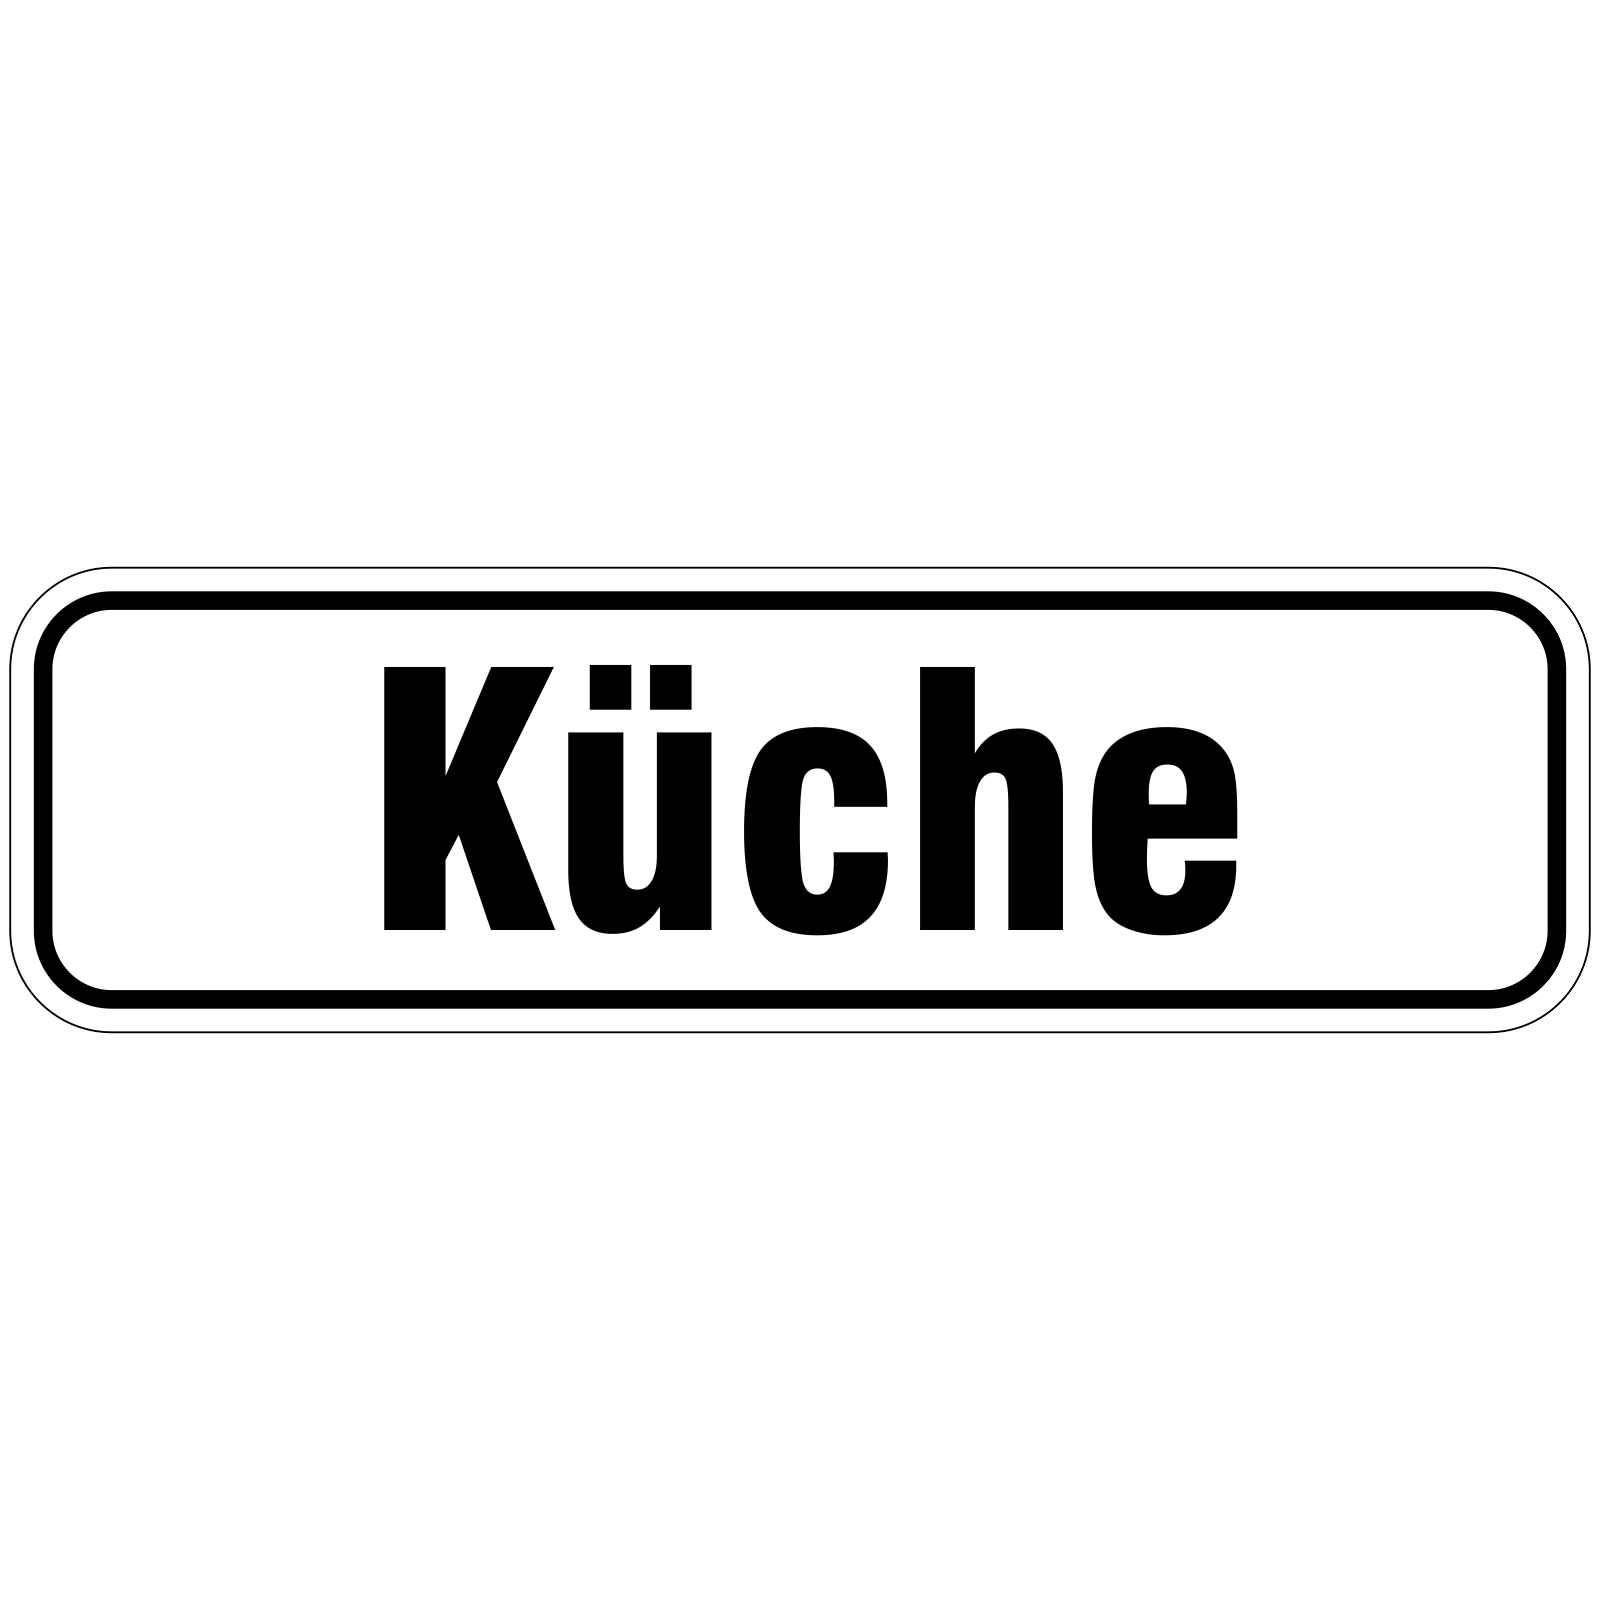 Küche Türbeschriftung als Aufkleber oder Schild 10 x 10 cm